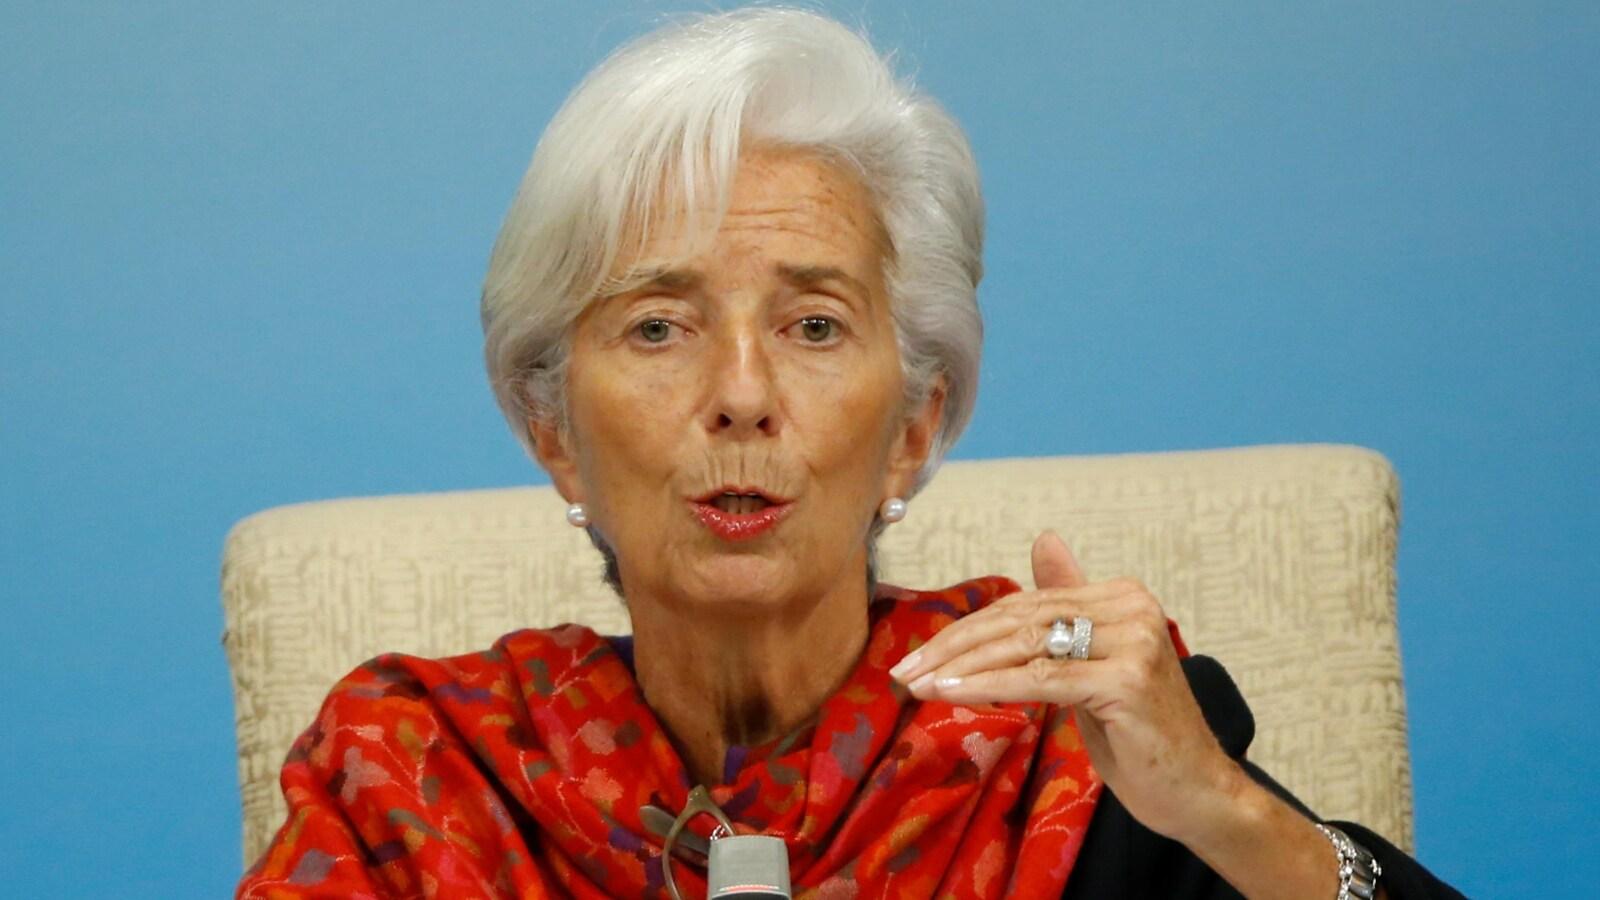 La directrice générale du Fonds monétaire international (FMI), Christine Lagarde, lors d'une conférence de presse à Pékin.